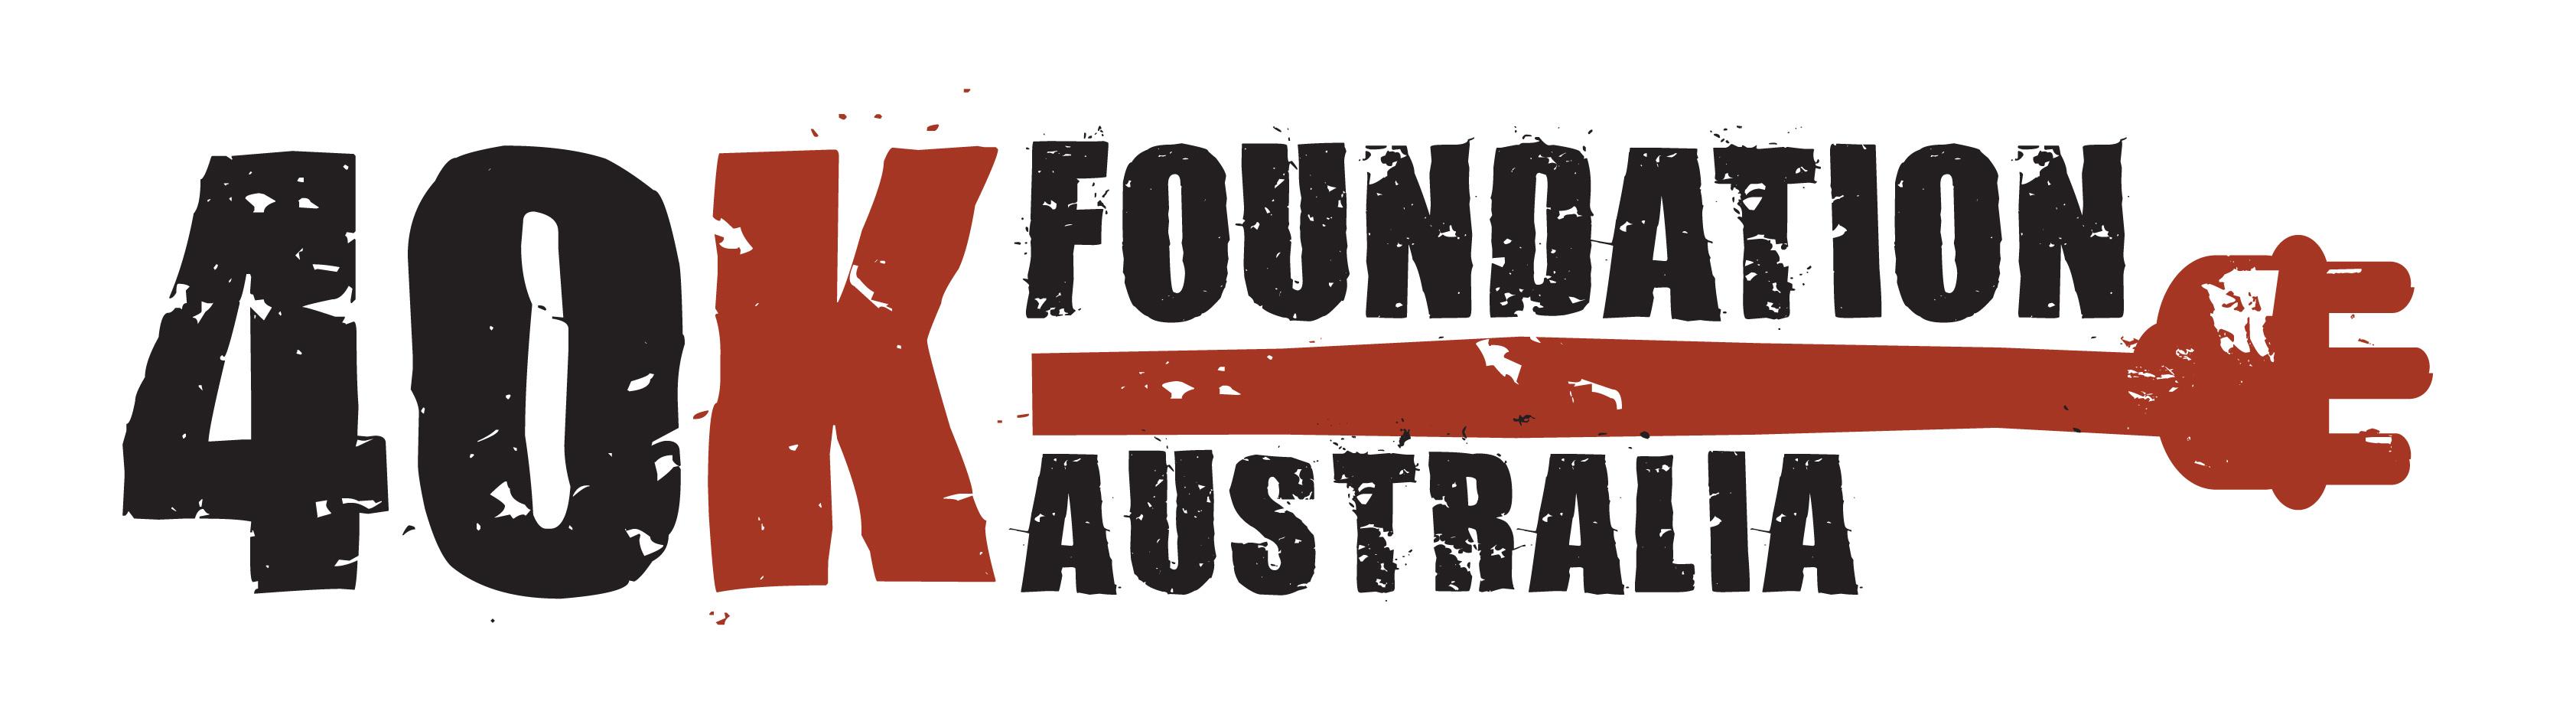 40K Foundation Australia logo